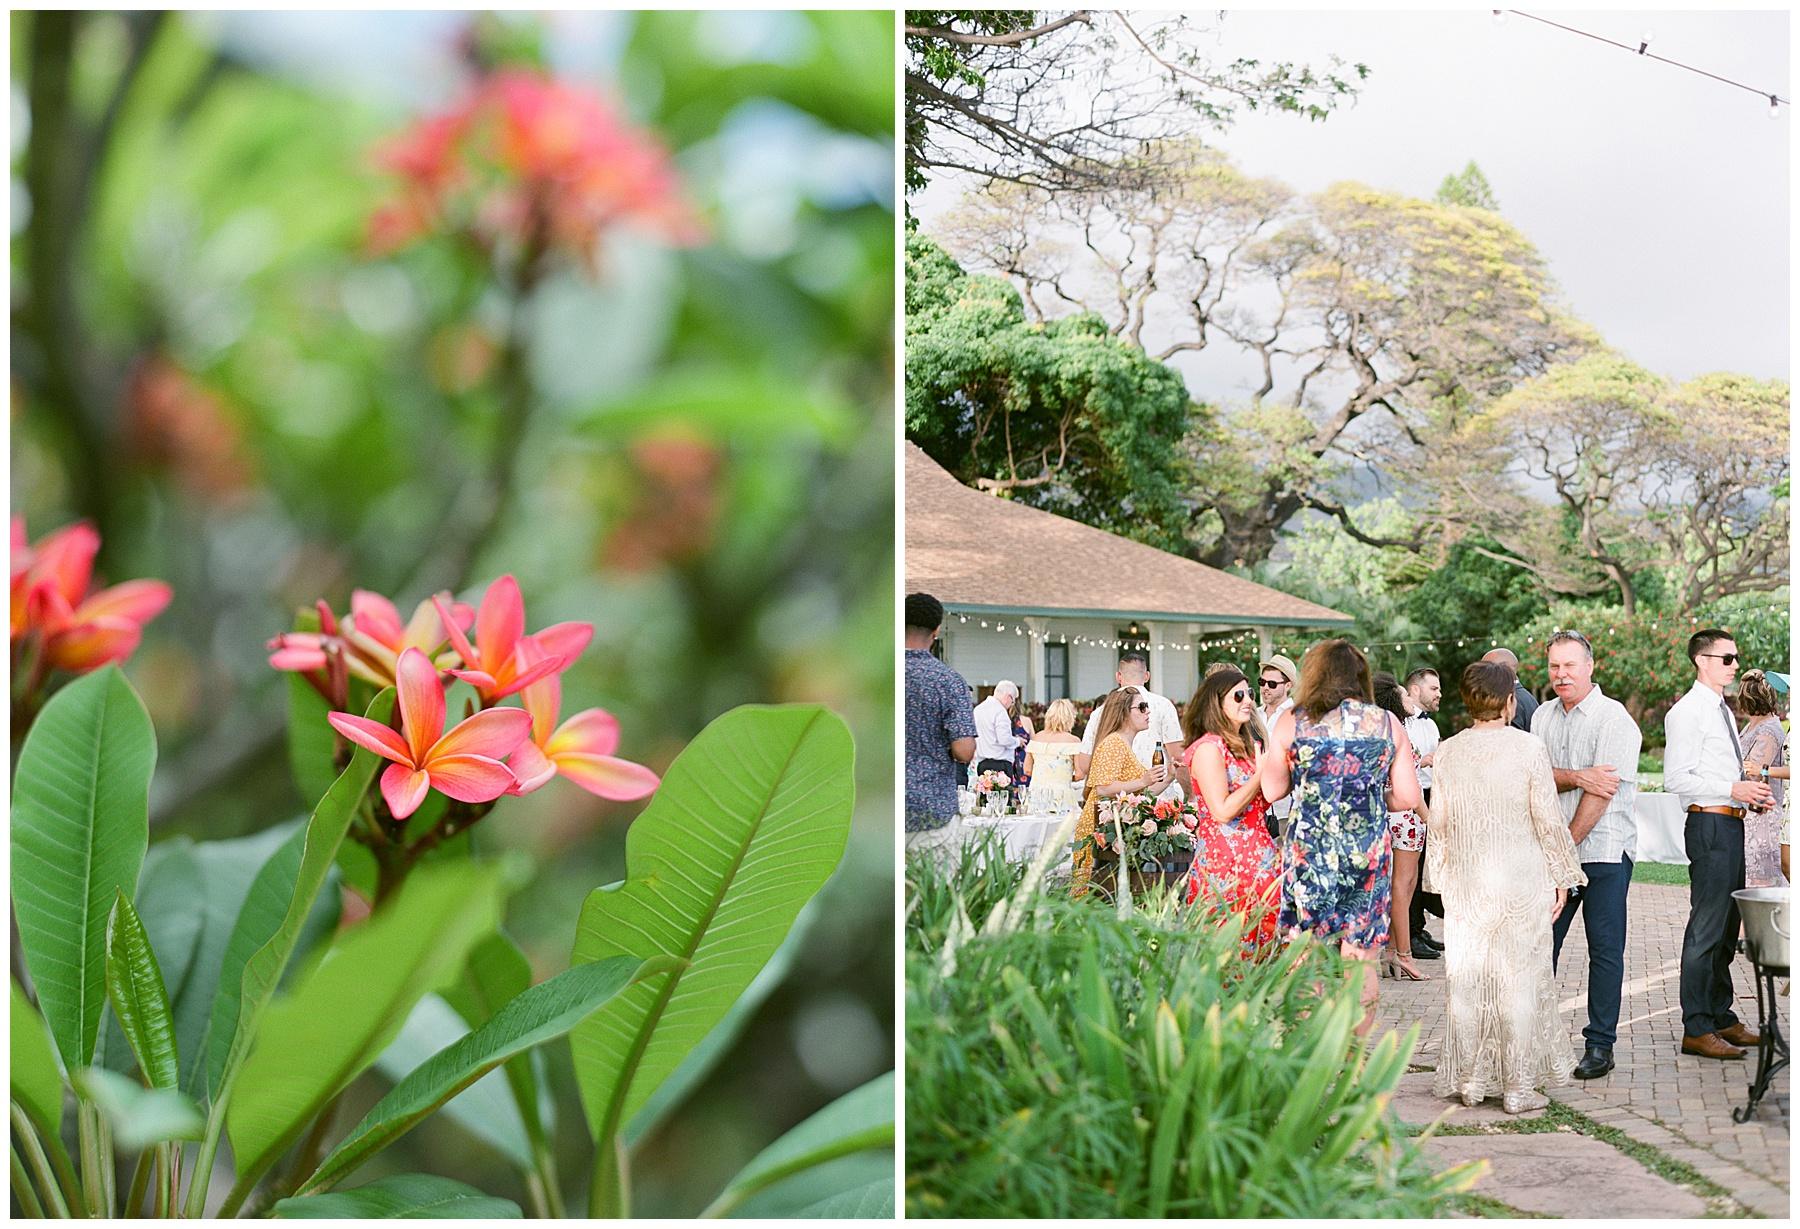 Olowalu-plantation-house-maui-hawaii-wedding-70.jpg